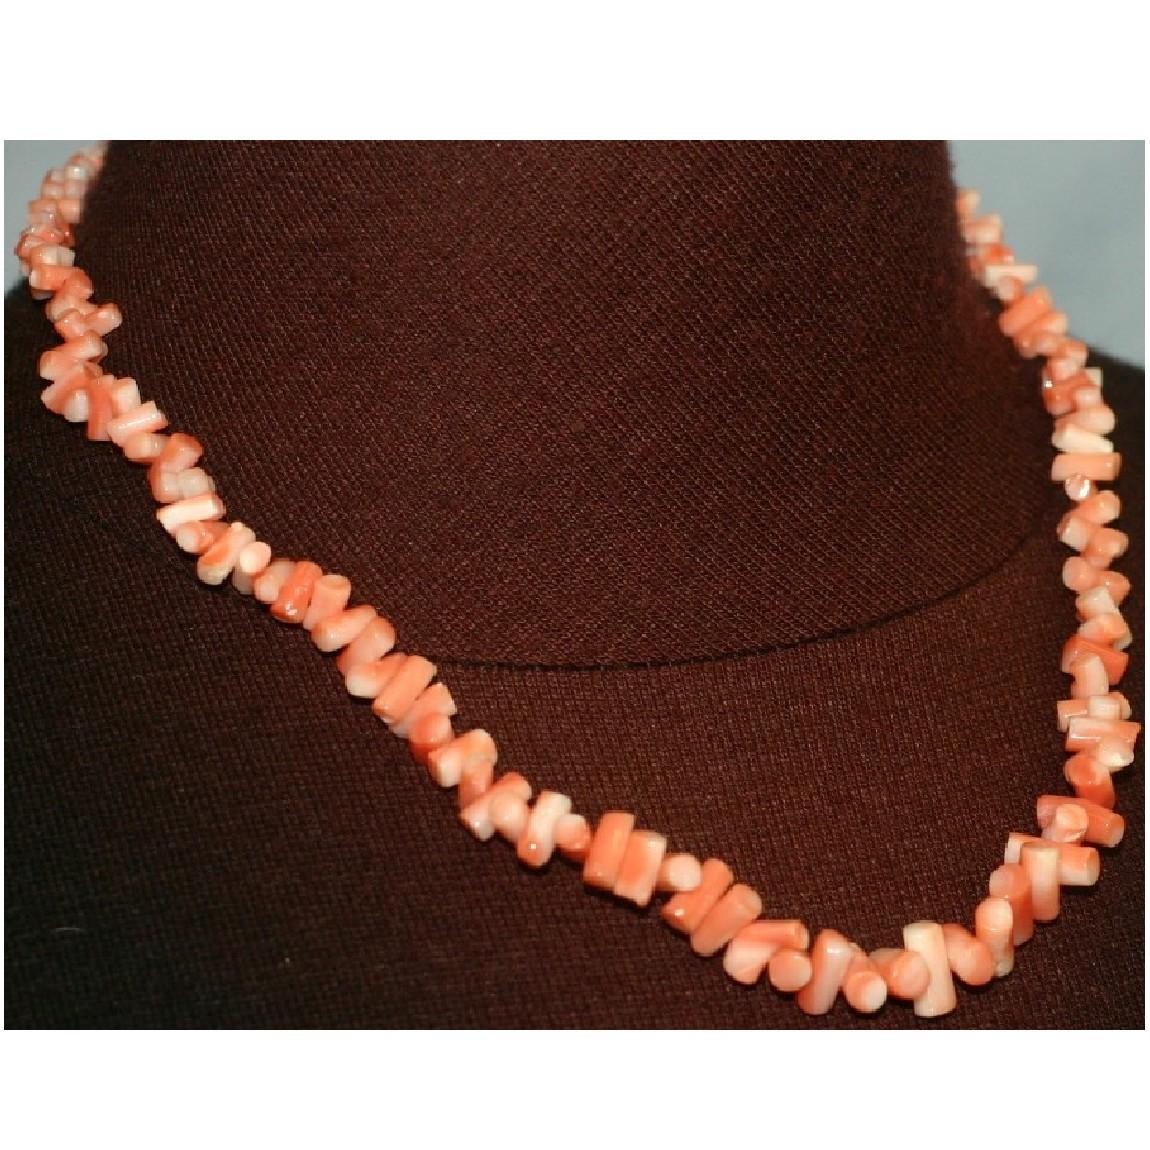 【中古】本物綺麗ピンクx白サンゴのネックレス留め金具はシルバー素材全長44cm